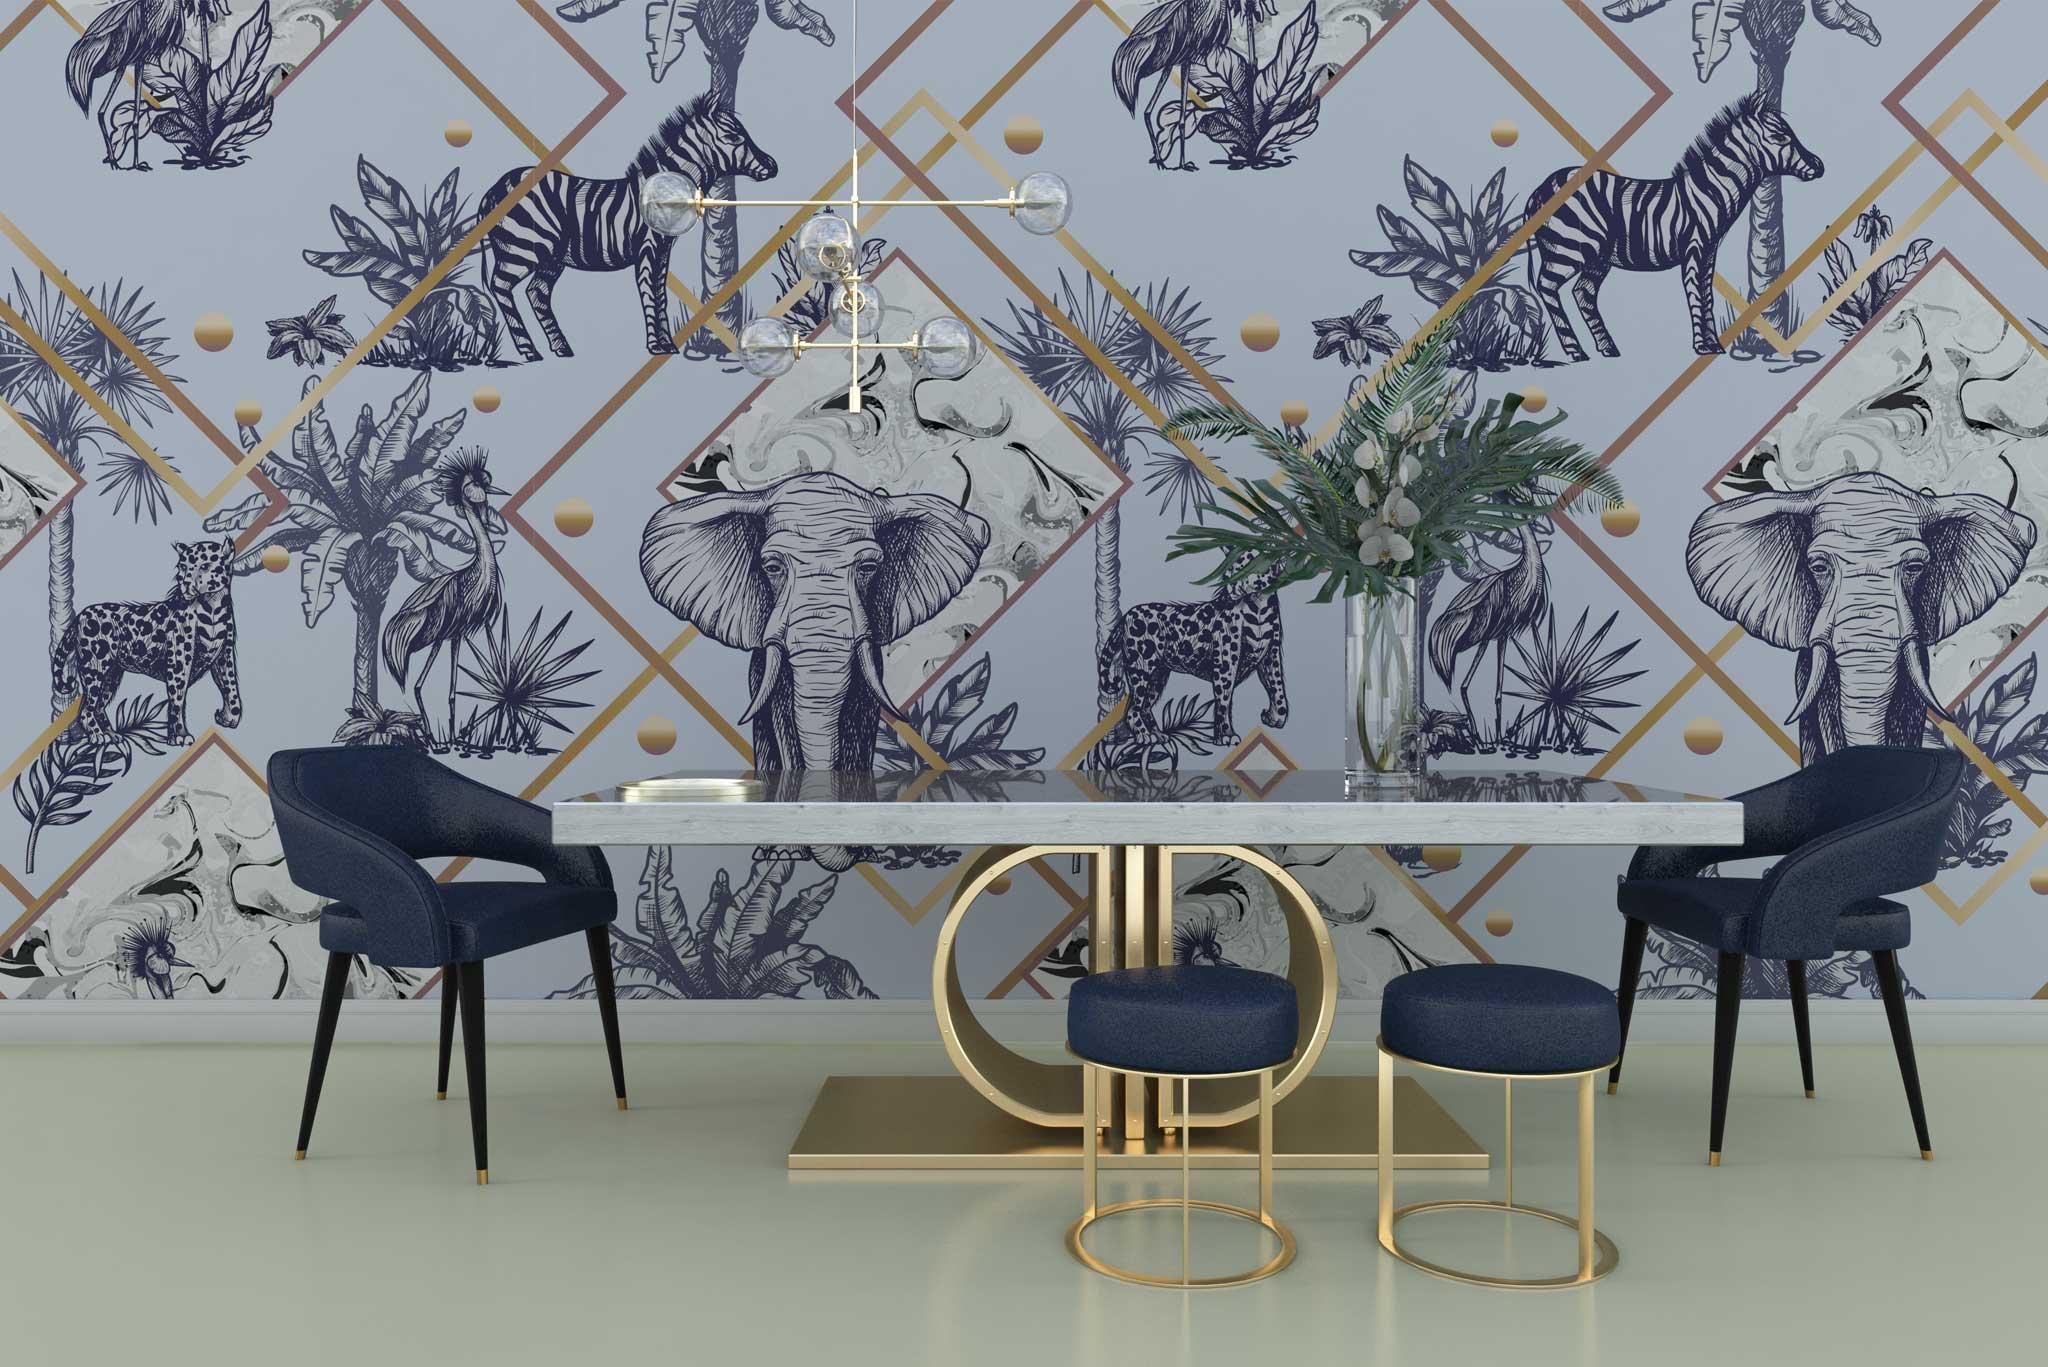 tapet-fototapet-personalizat-comanda-bucuresti-model-animale-jungla-exotic-bleu-albastru-auriu-perete-lux-special